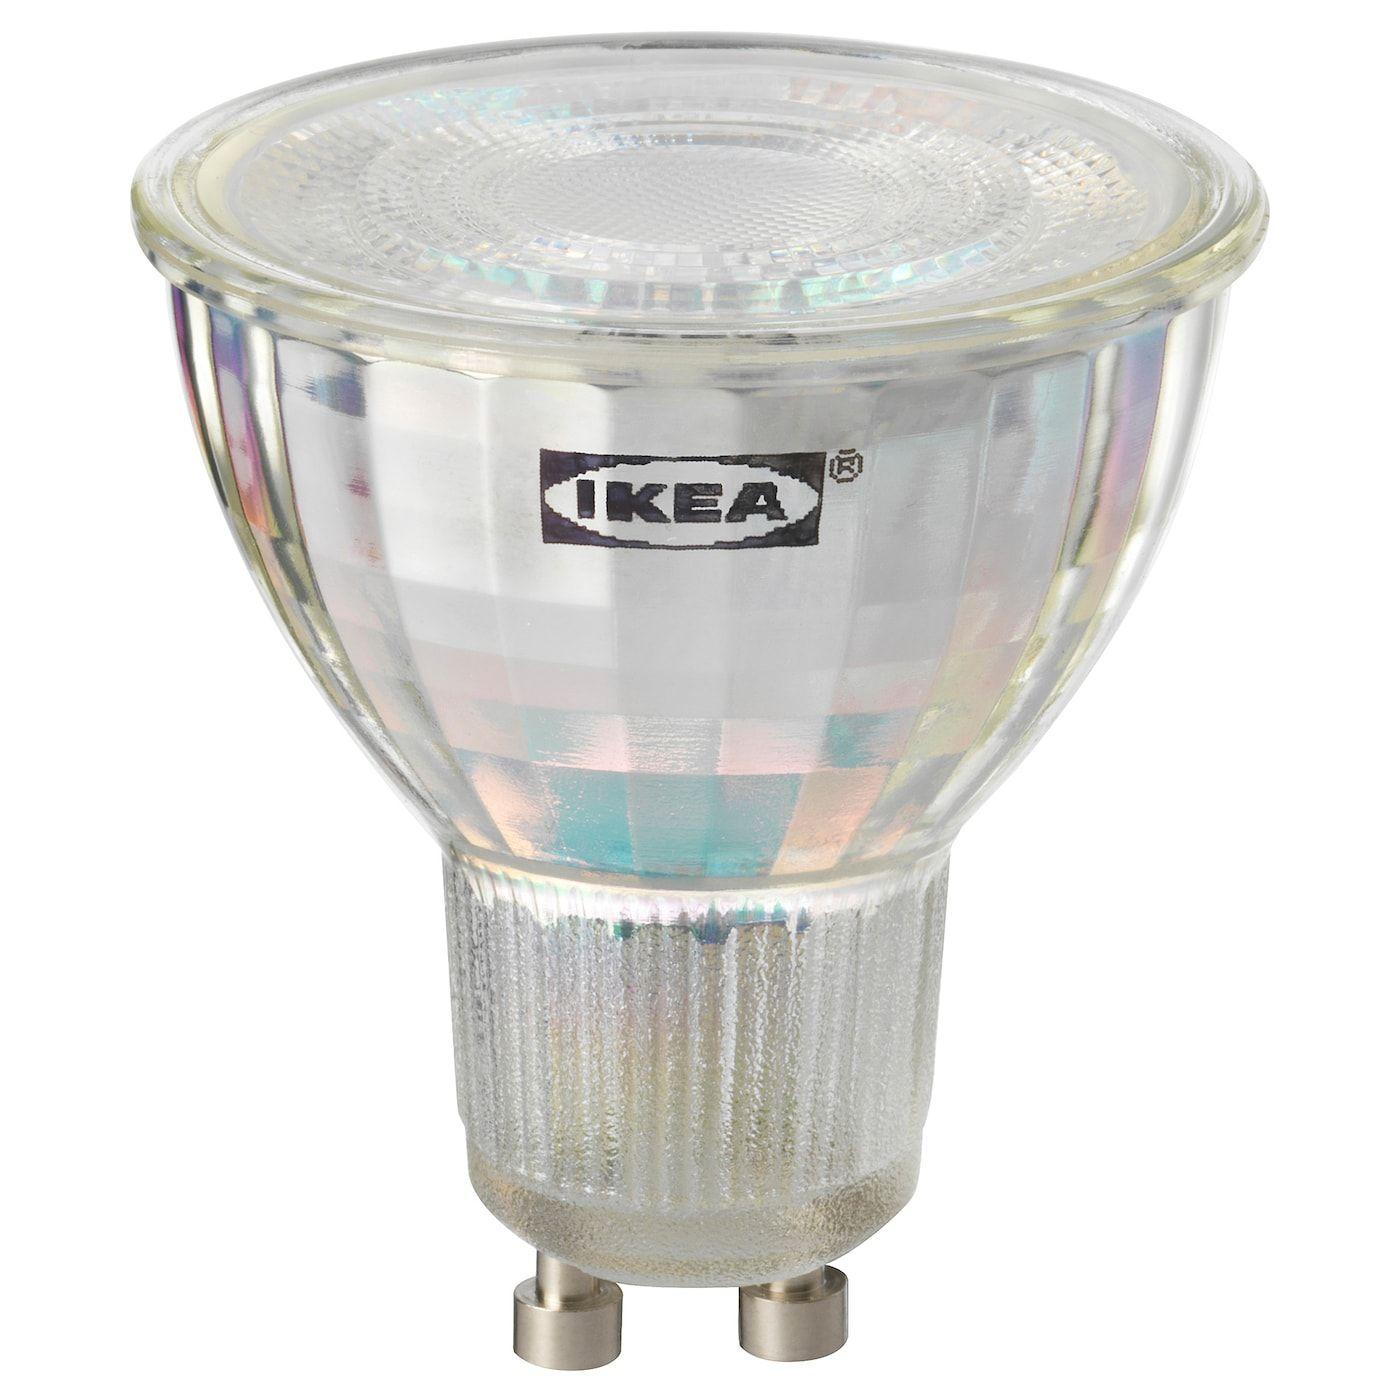 Full Size of Ikea Led Panel Trdfri Bulb Gu10 400 Lumen Wireless Dimmable Wohnzimmer Deckenleuchte Beleuchtung Bad Küche Lampen Modulküche Echtleder Sofa Spiegel Wohnzimmer Ikea Led Panel